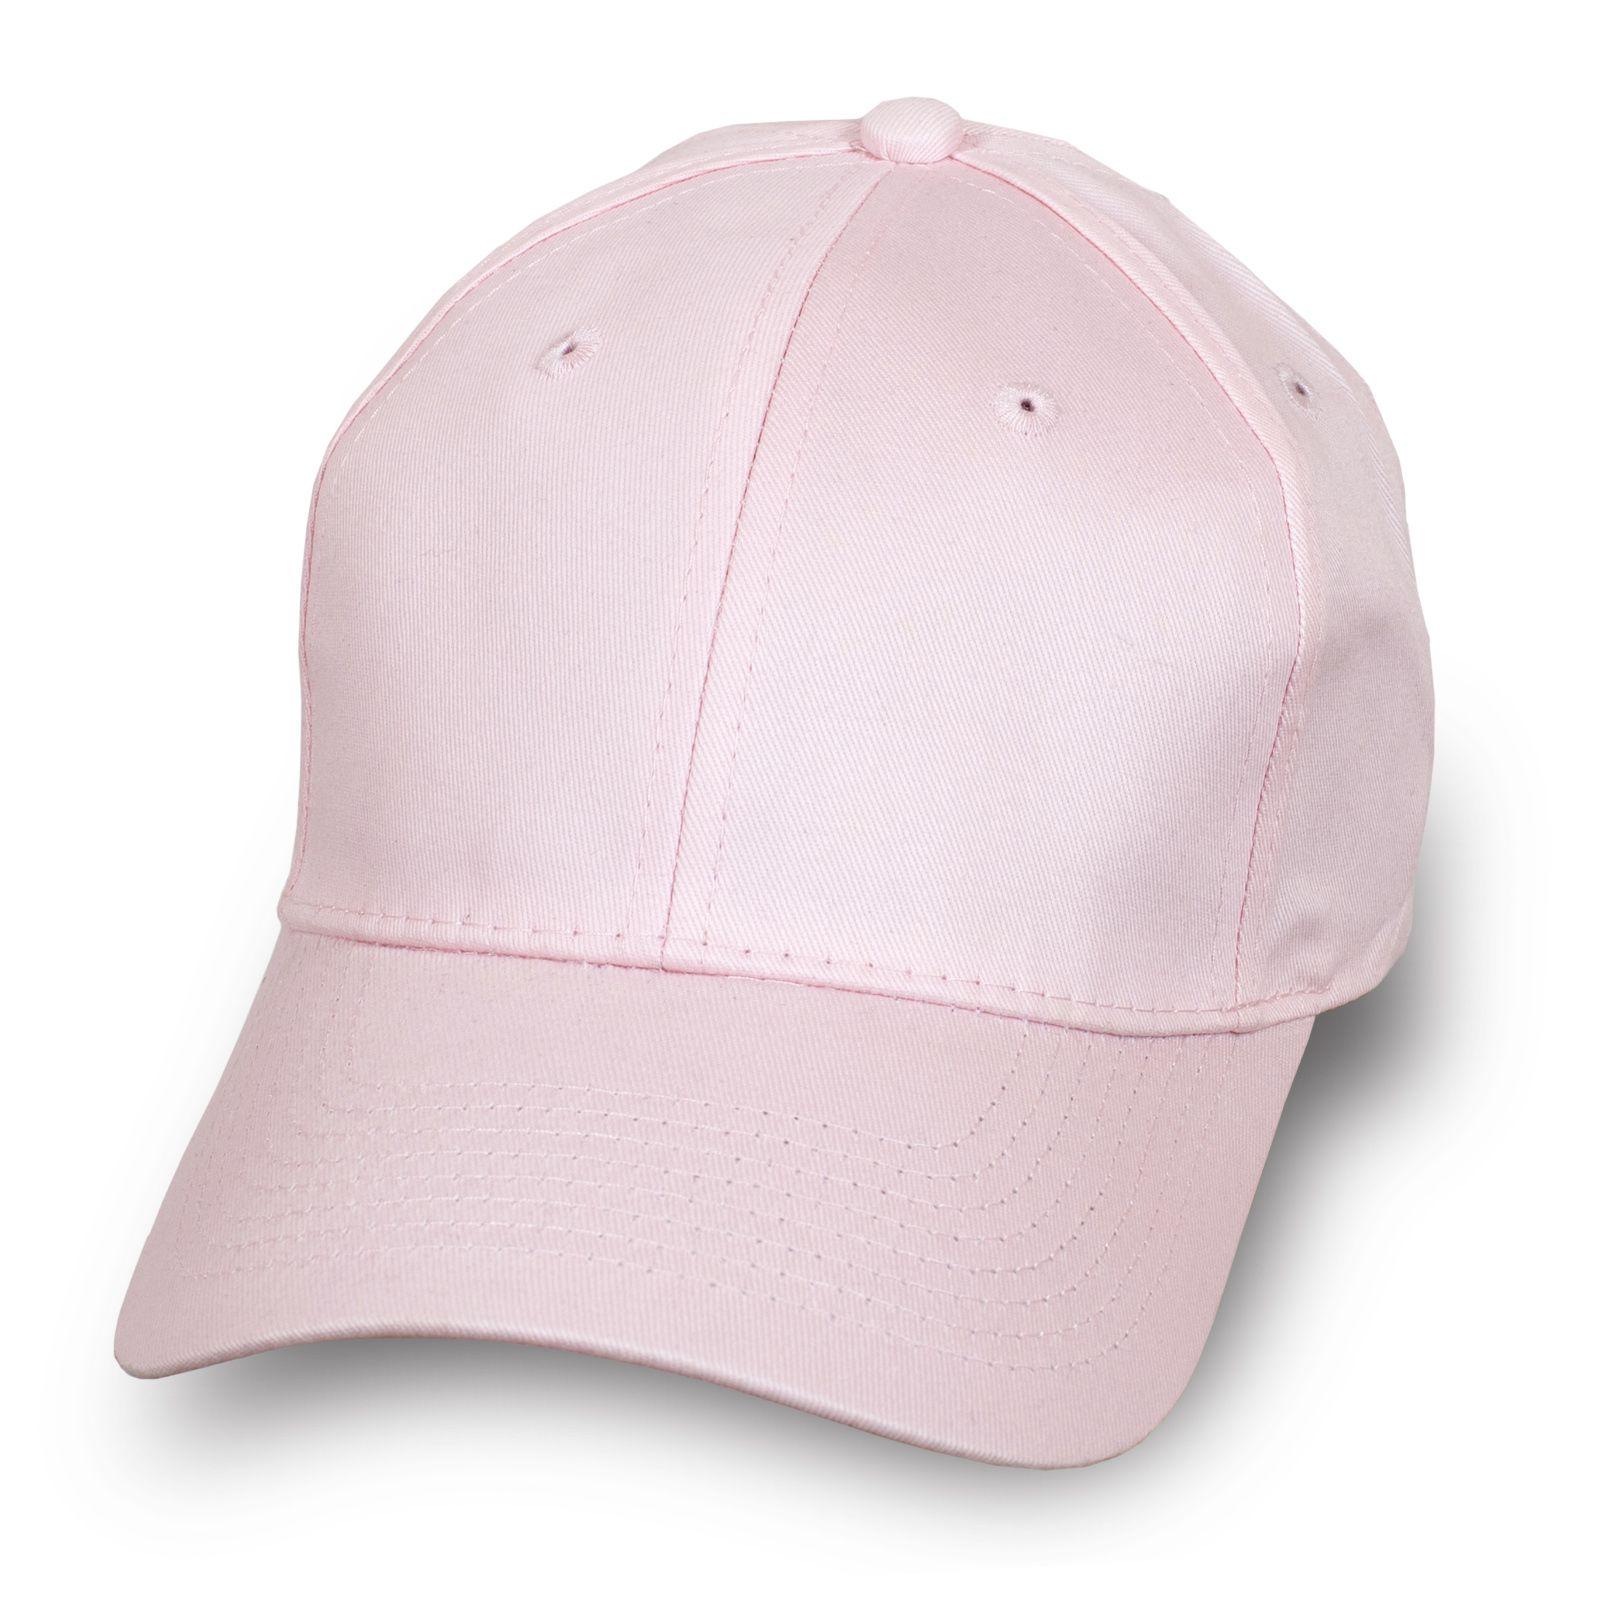 Женская бейсболка светло-розовая